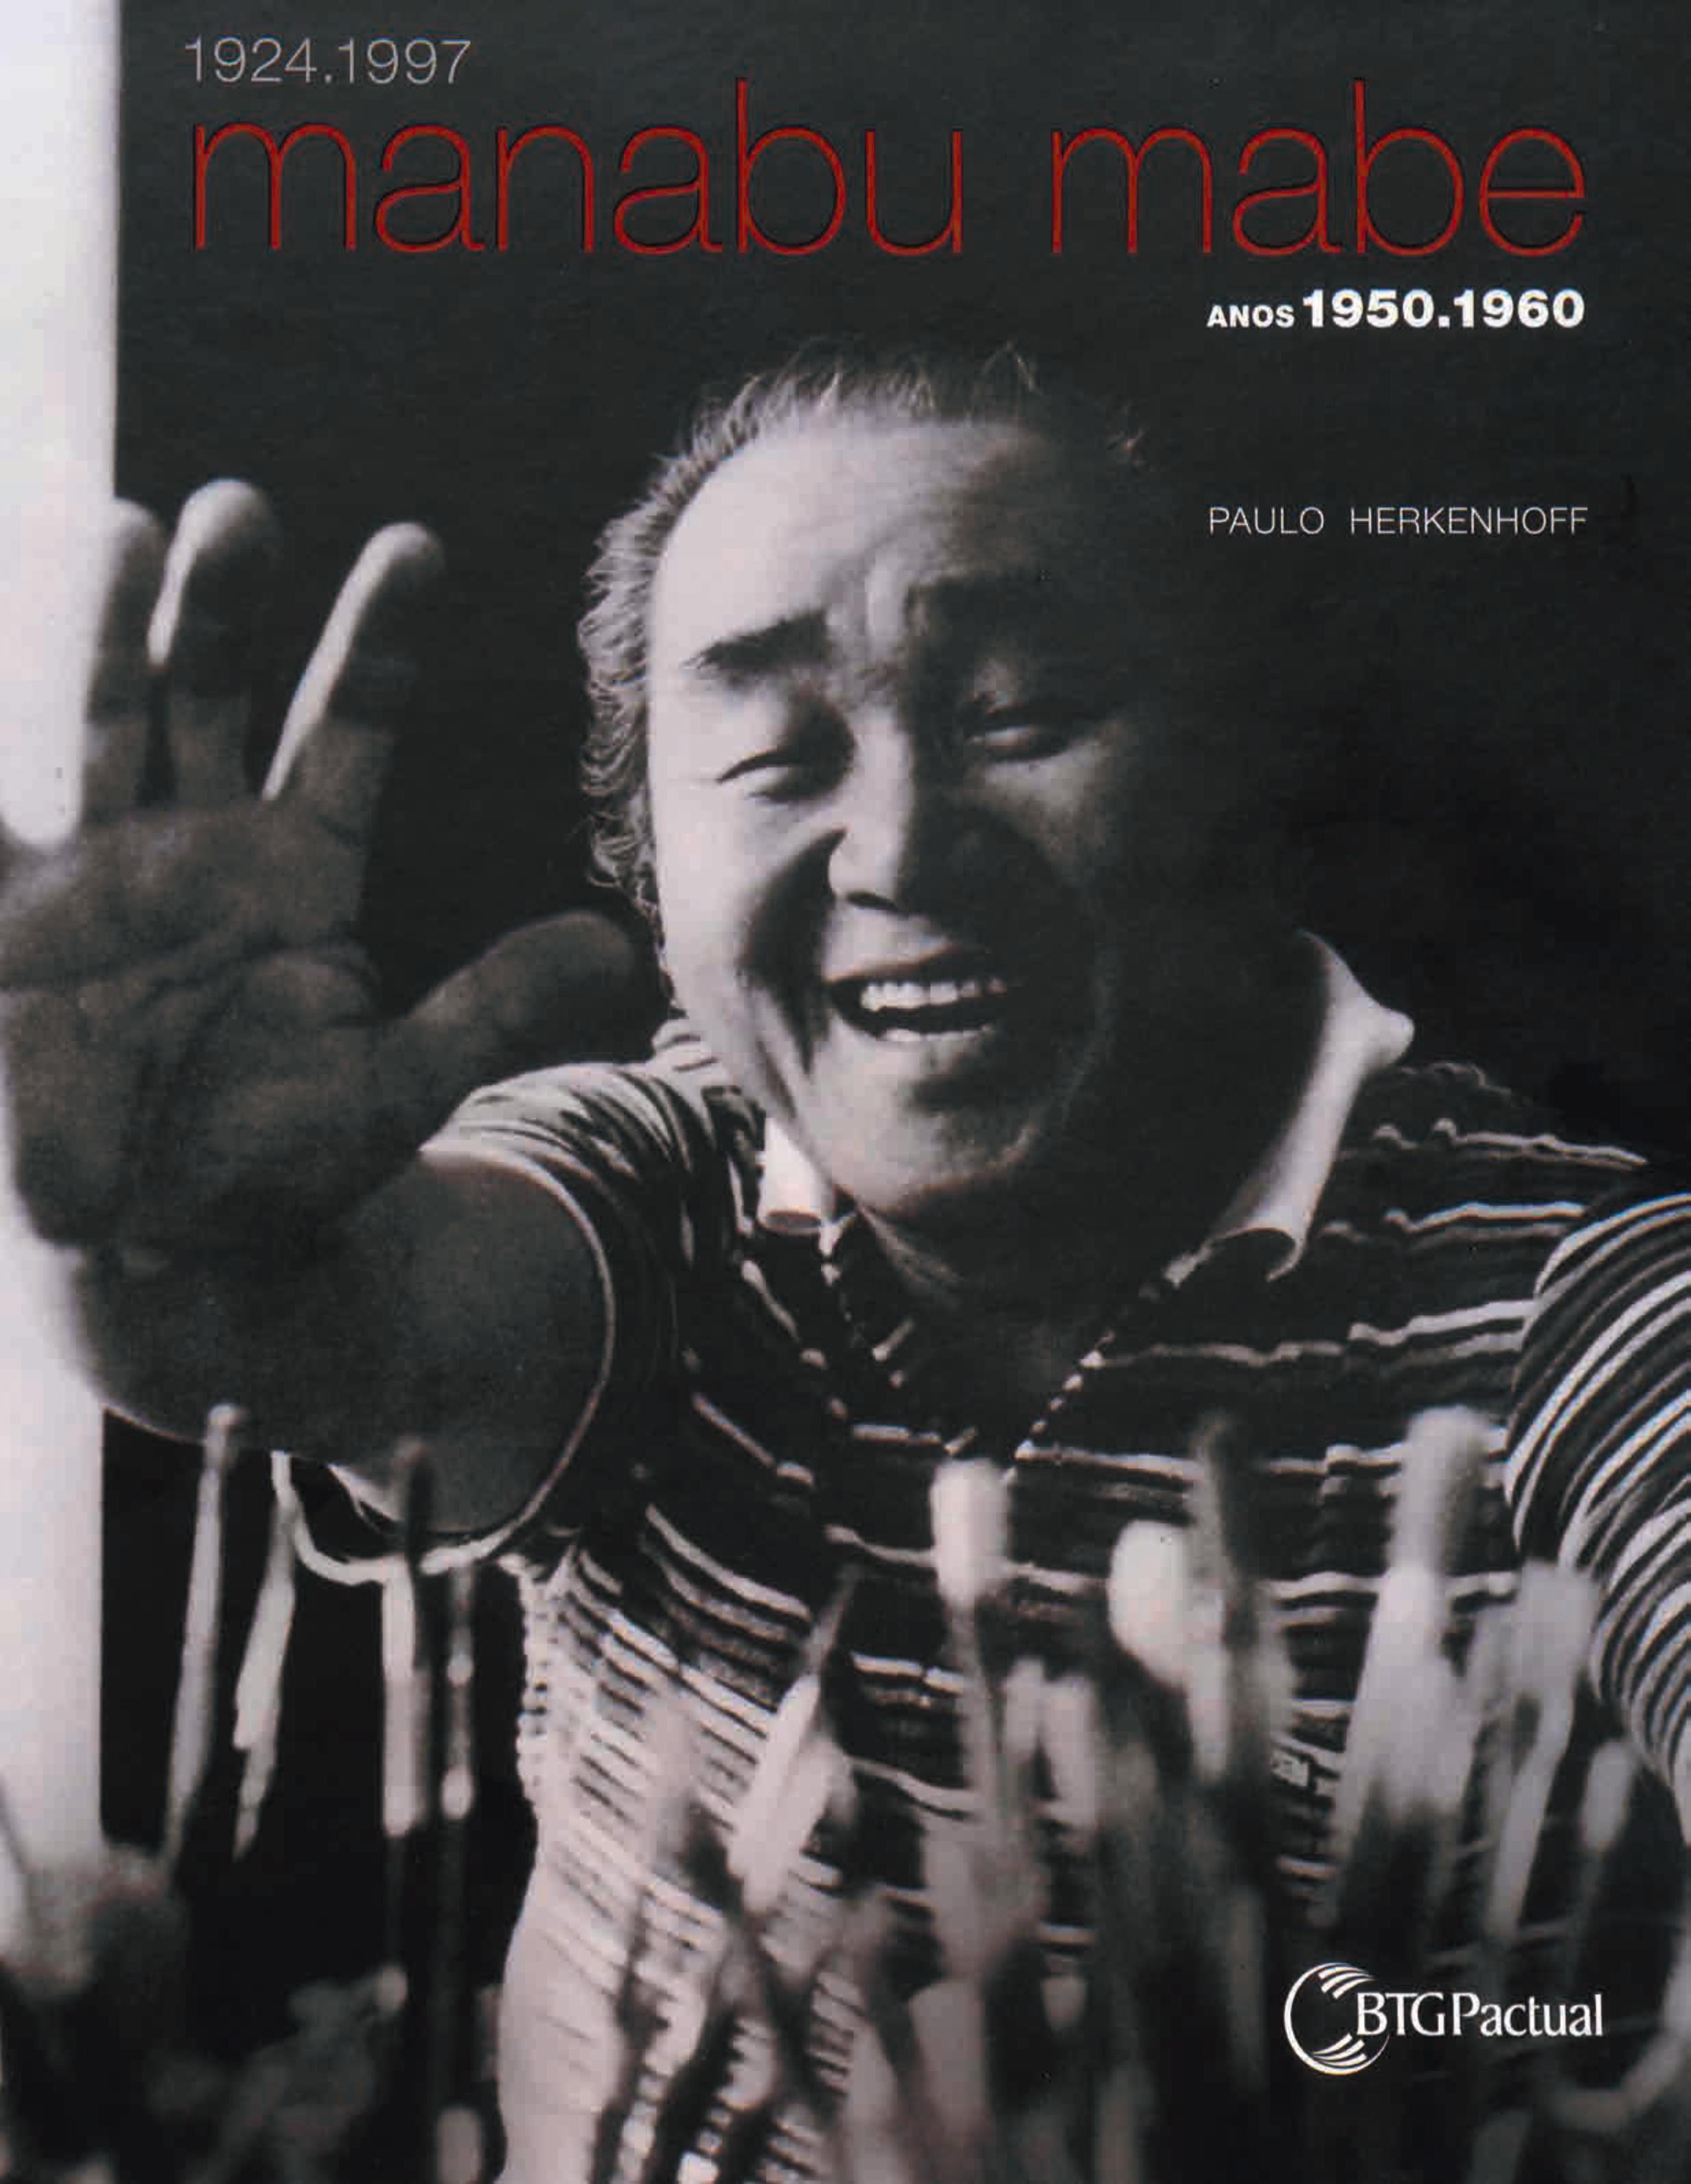 Capa do livro Manabu Mabe